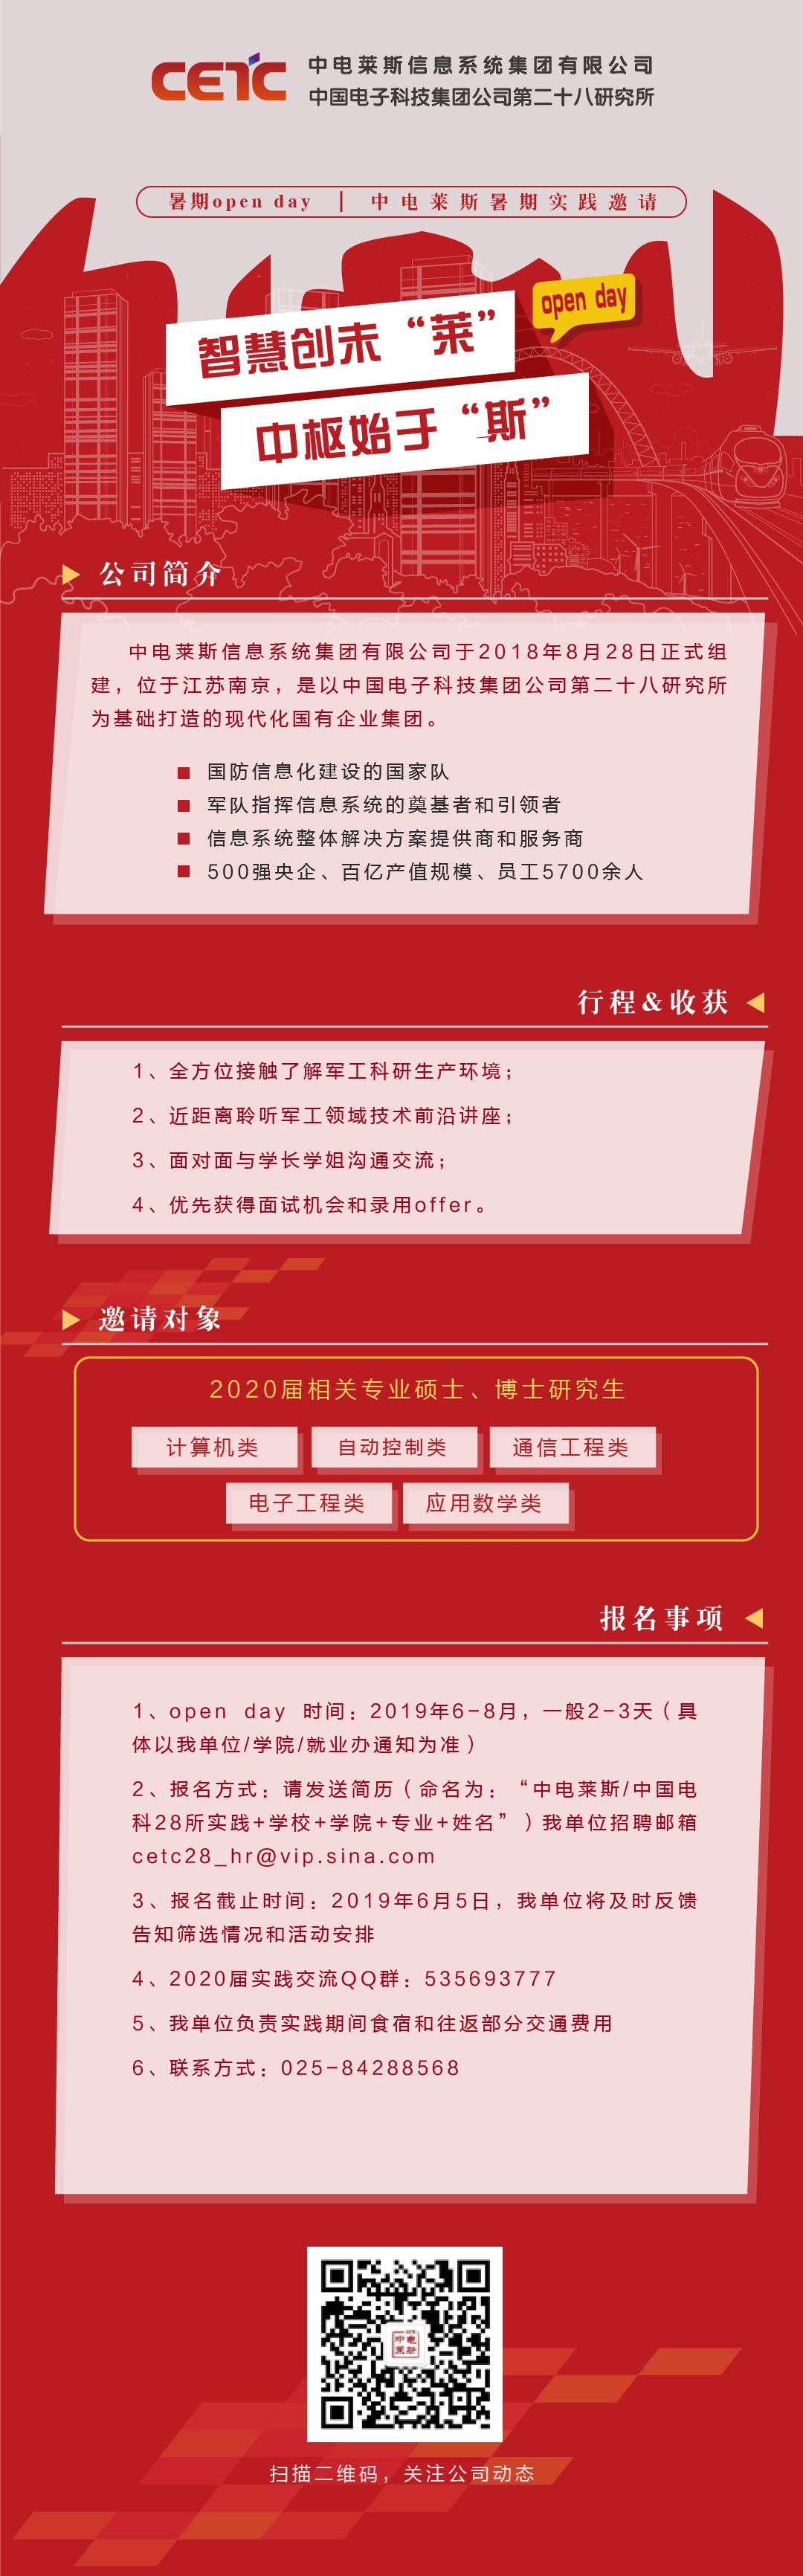 中电莱斯(中电28所)暑期实践招募.jpg